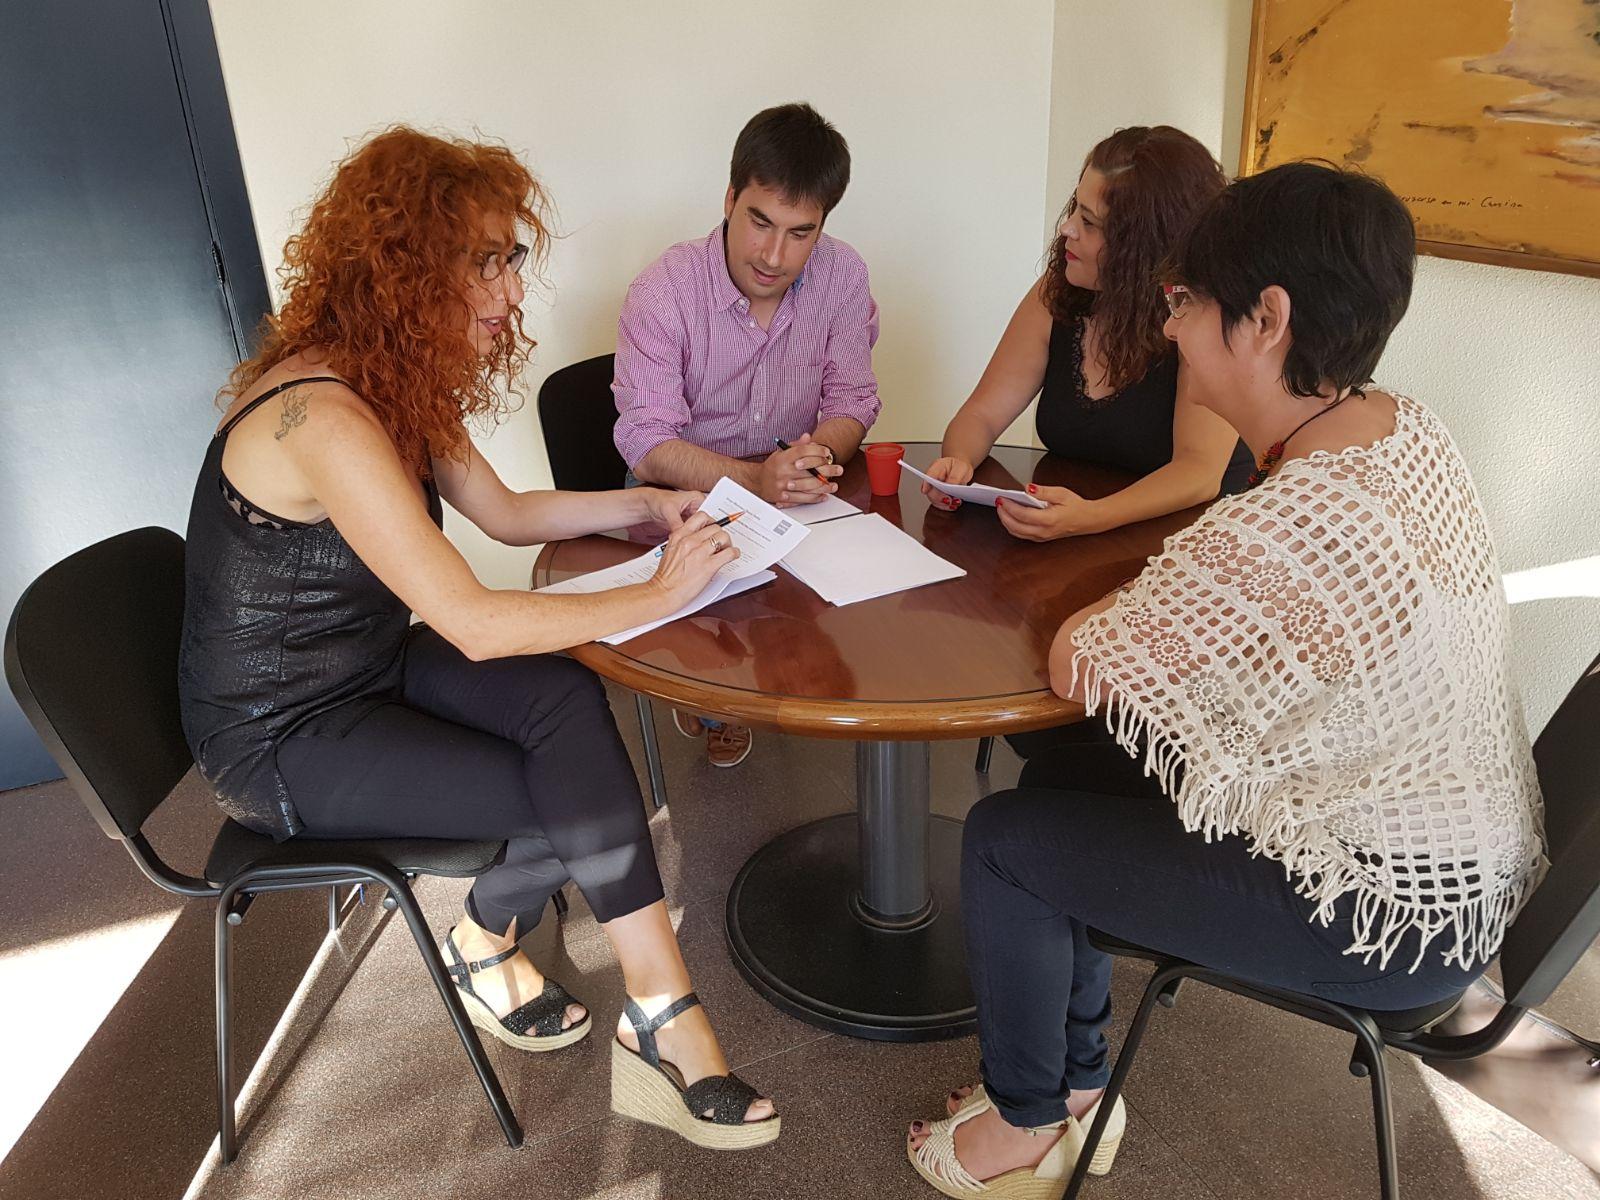 La alcaldesa de Velilla se reunió con el alcalde de Mejorada para plantear la creación de un acceso peatonal entre ambos municipios